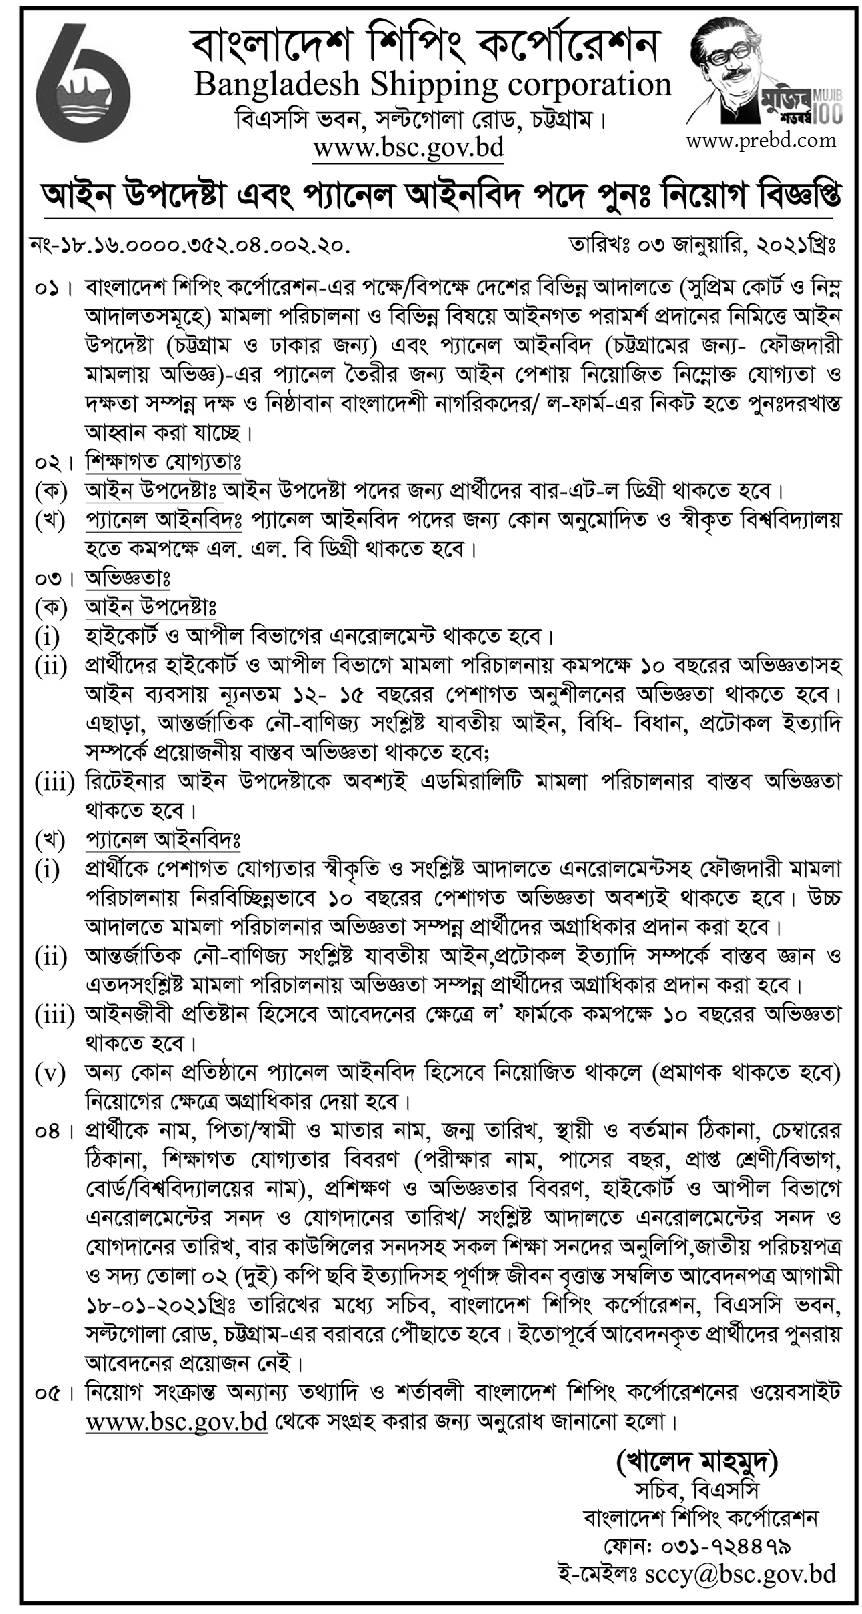 বাংলাদেশ শিপিং কর্পোরেশন এ বিভিন্ন পদে নিয়োগ বিজ্ঞপ্তি ২০২১ | www.bsc.gov.bd Job Circular 2021